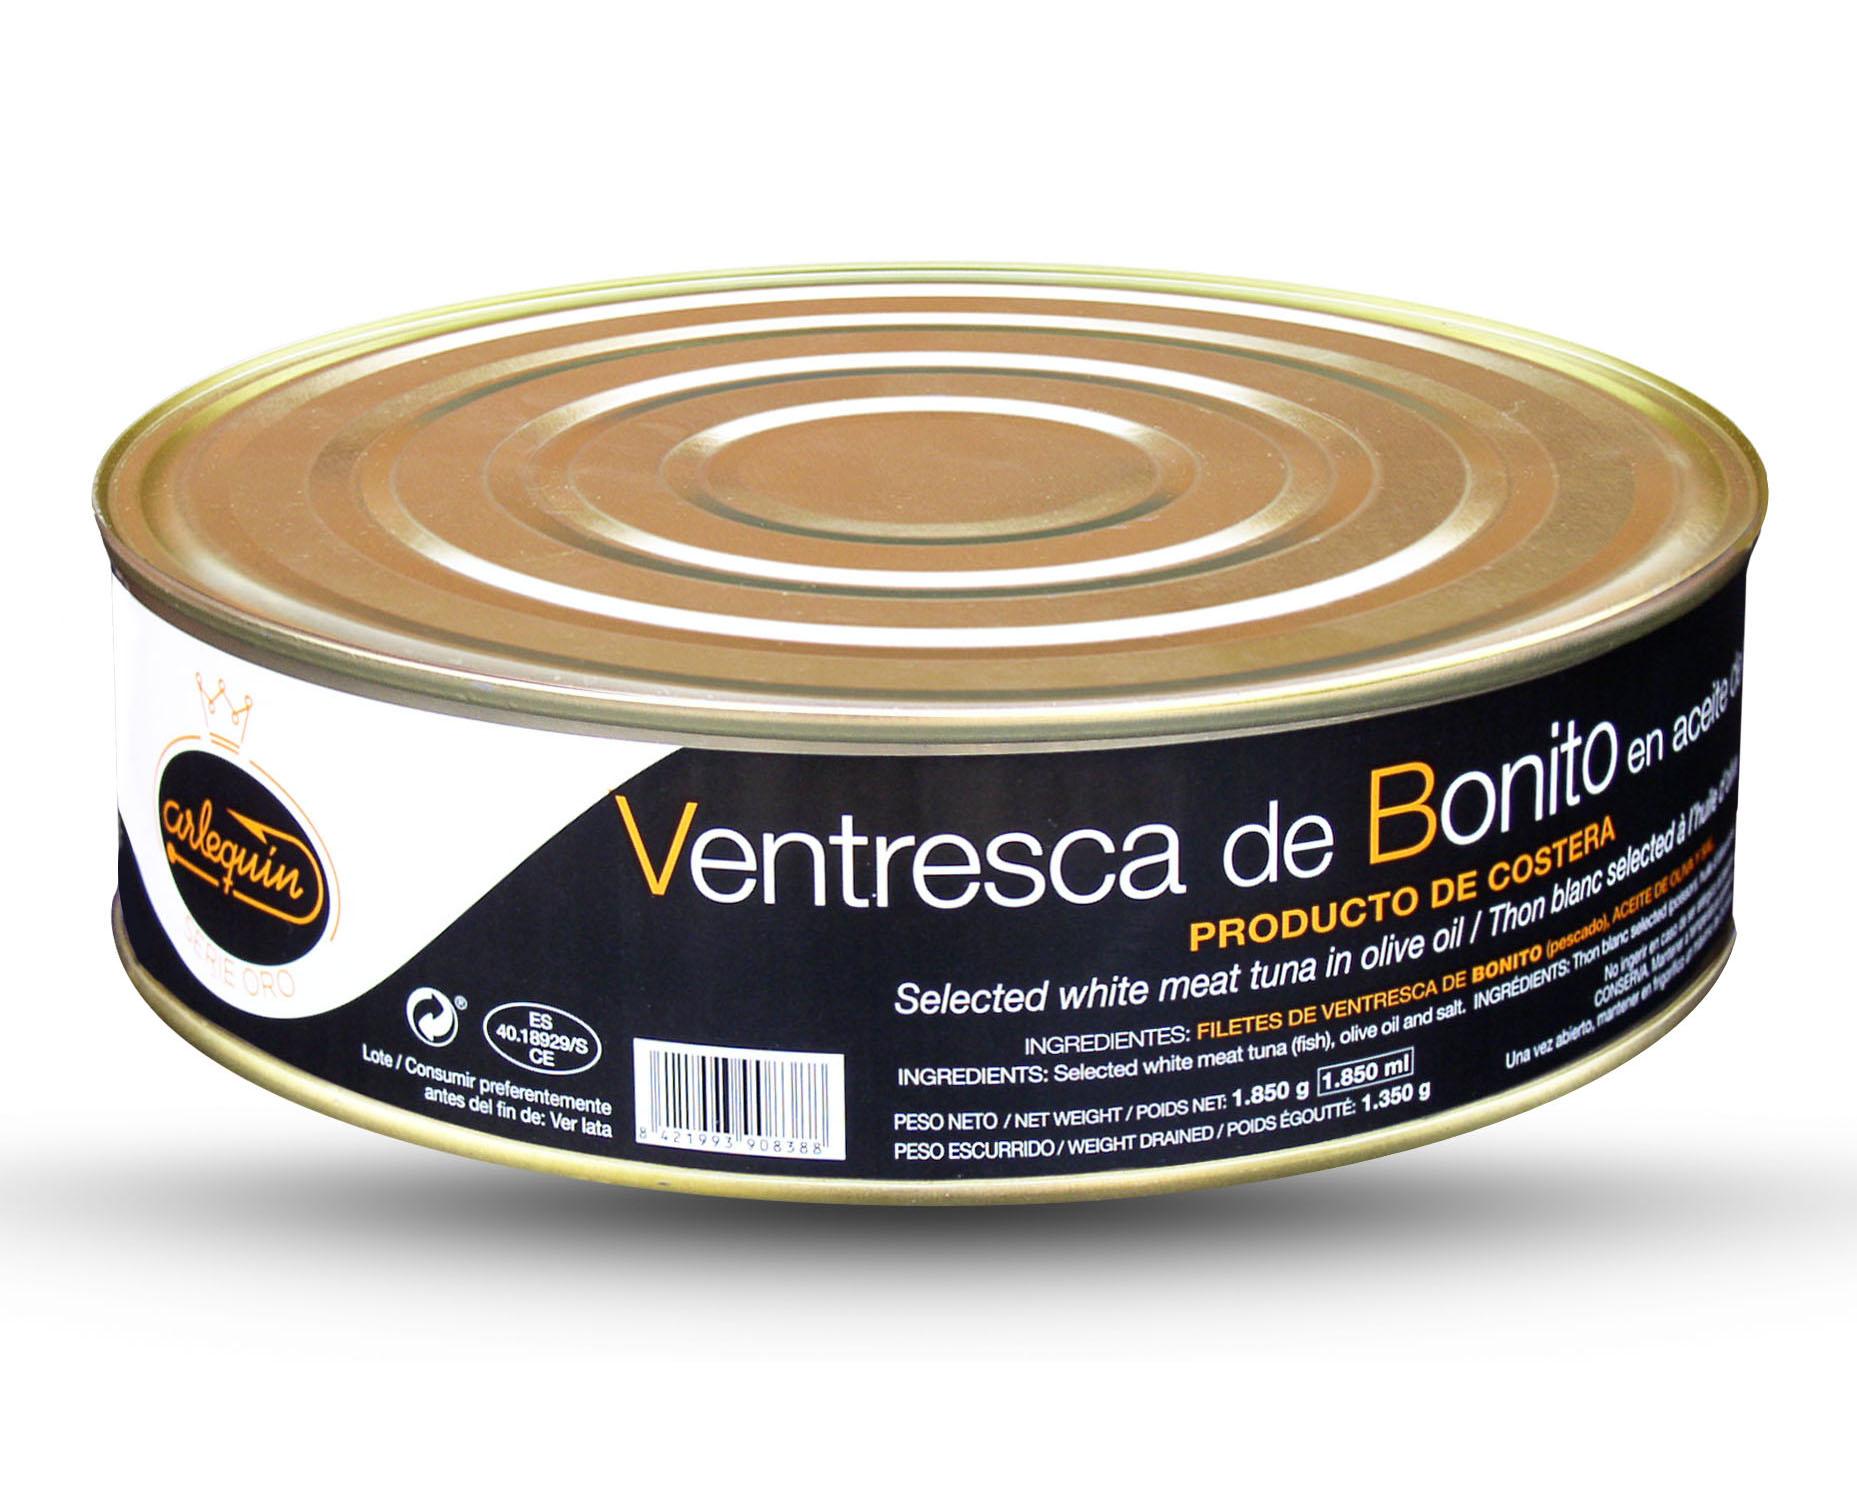 Ventresca de bonito - Arlequín Serie Oro